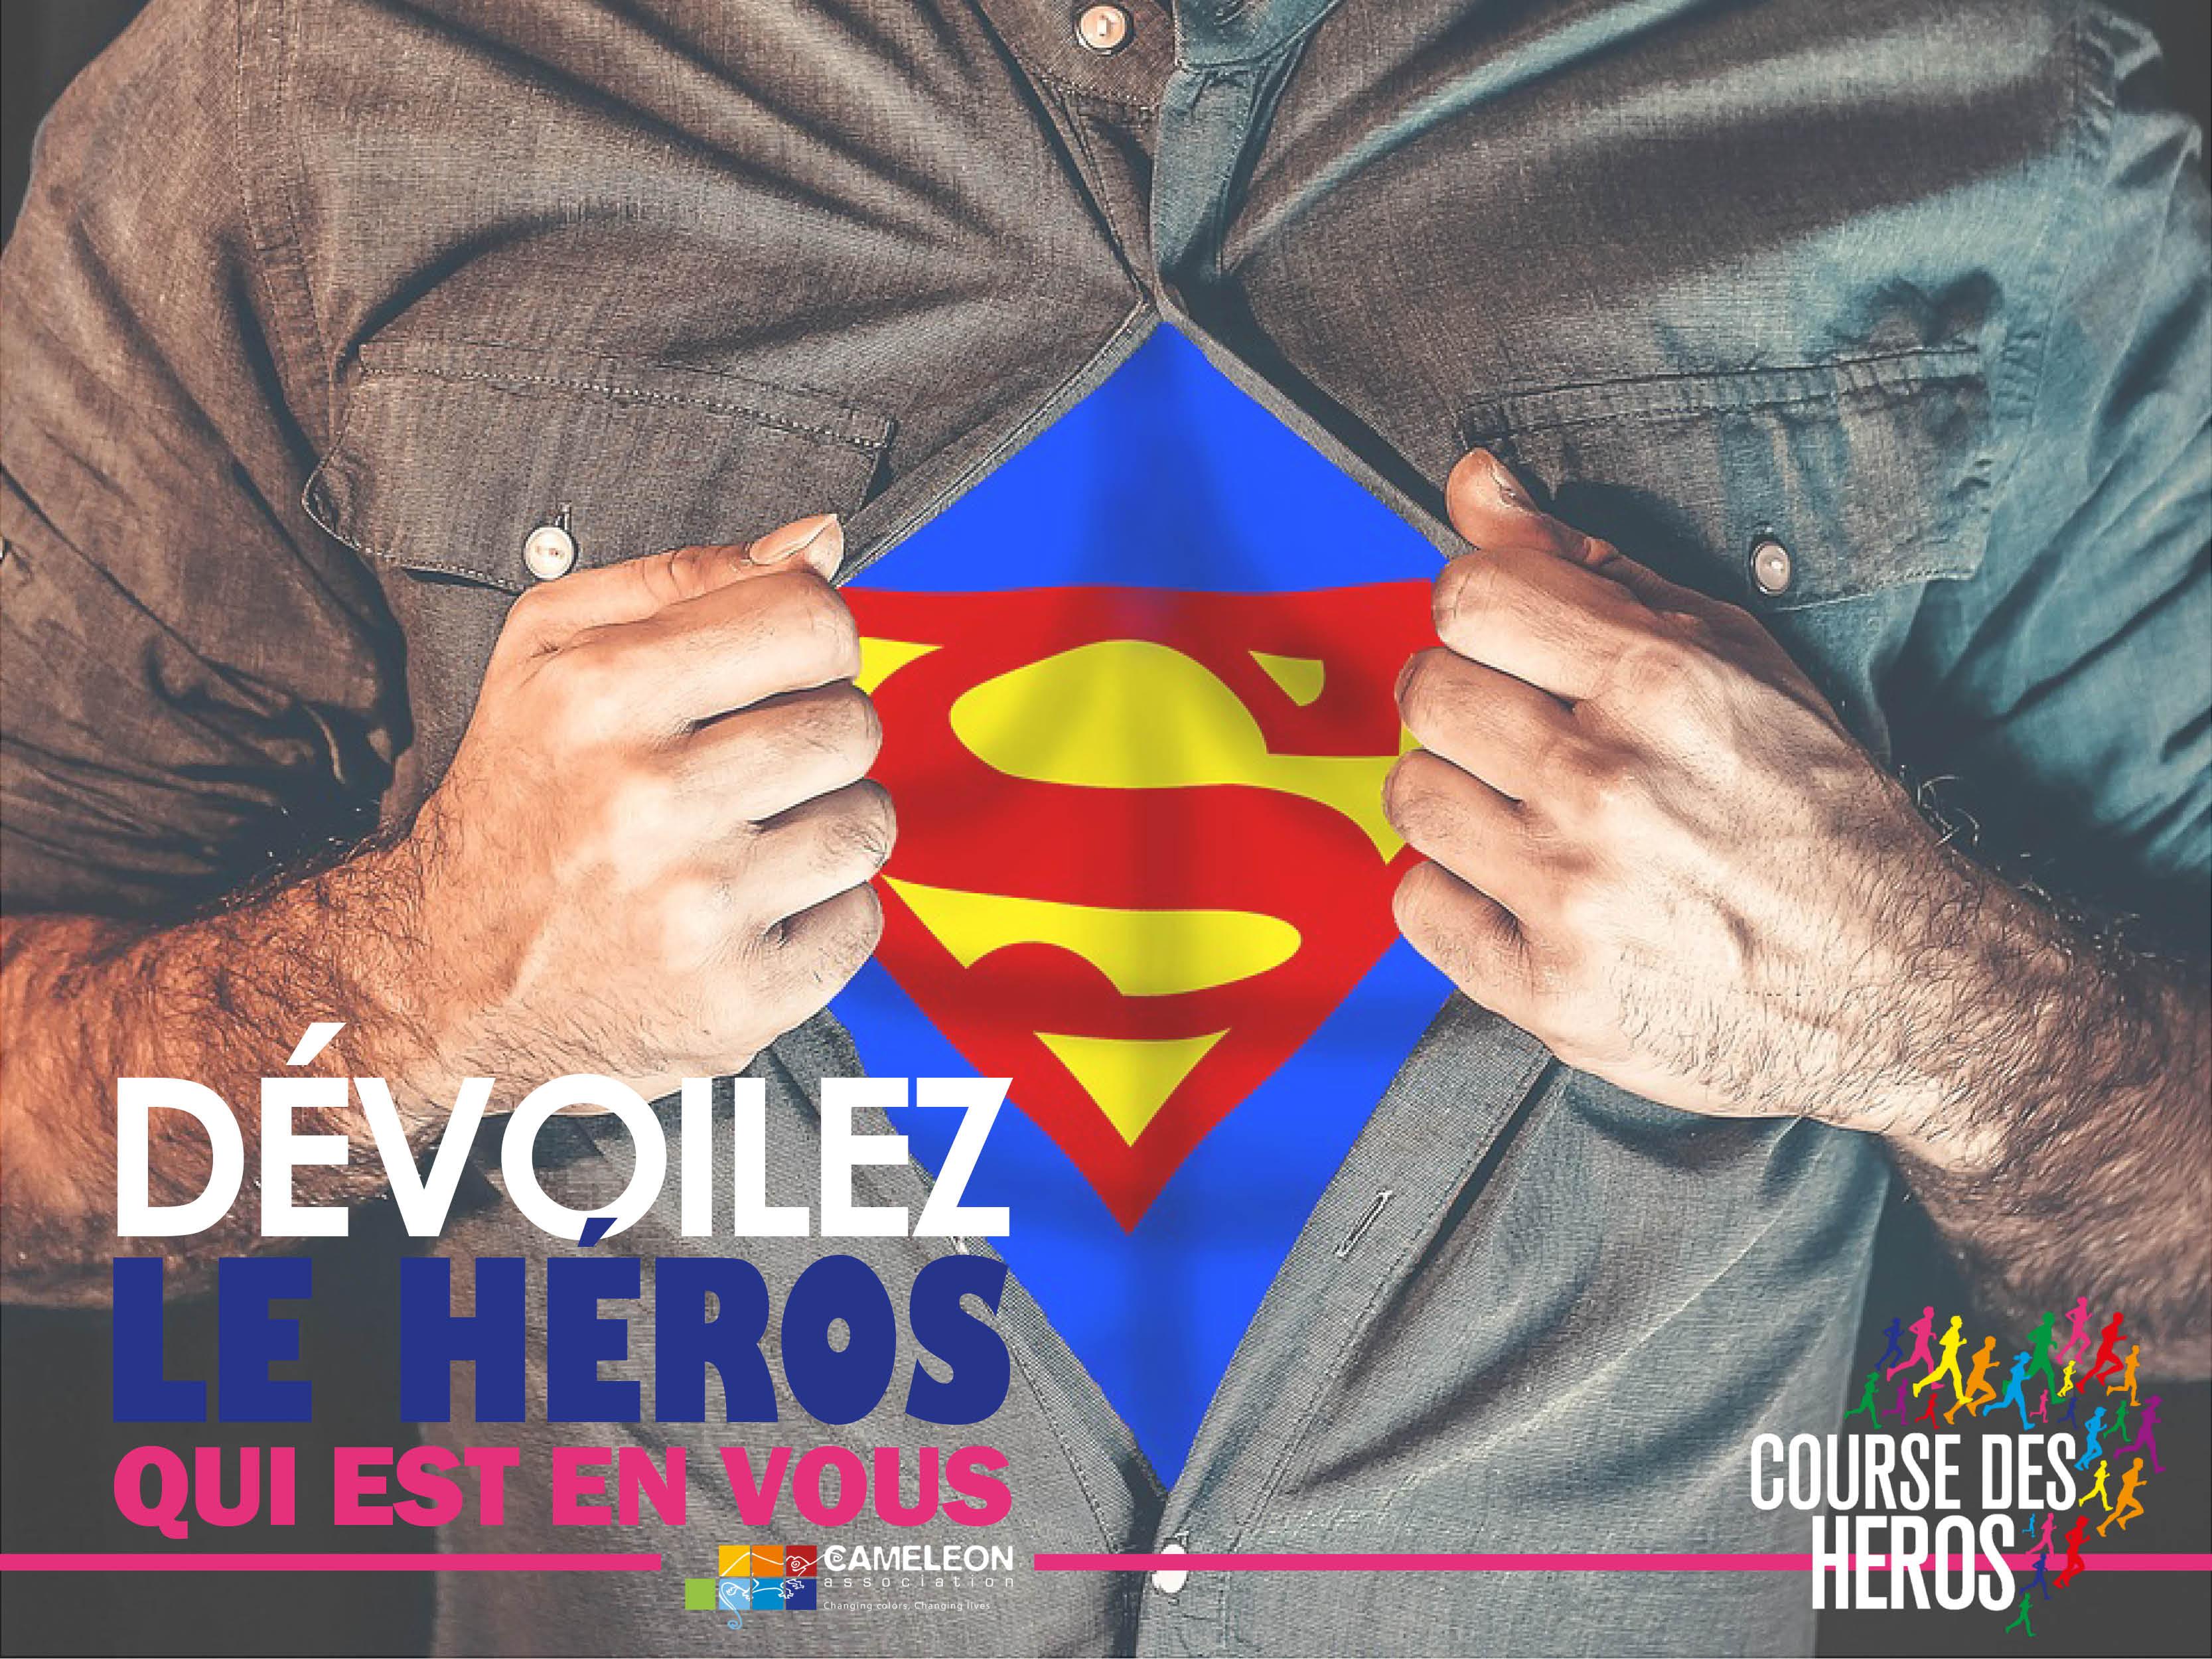 COURSE DES HEROS 2019 : Marche à suivre